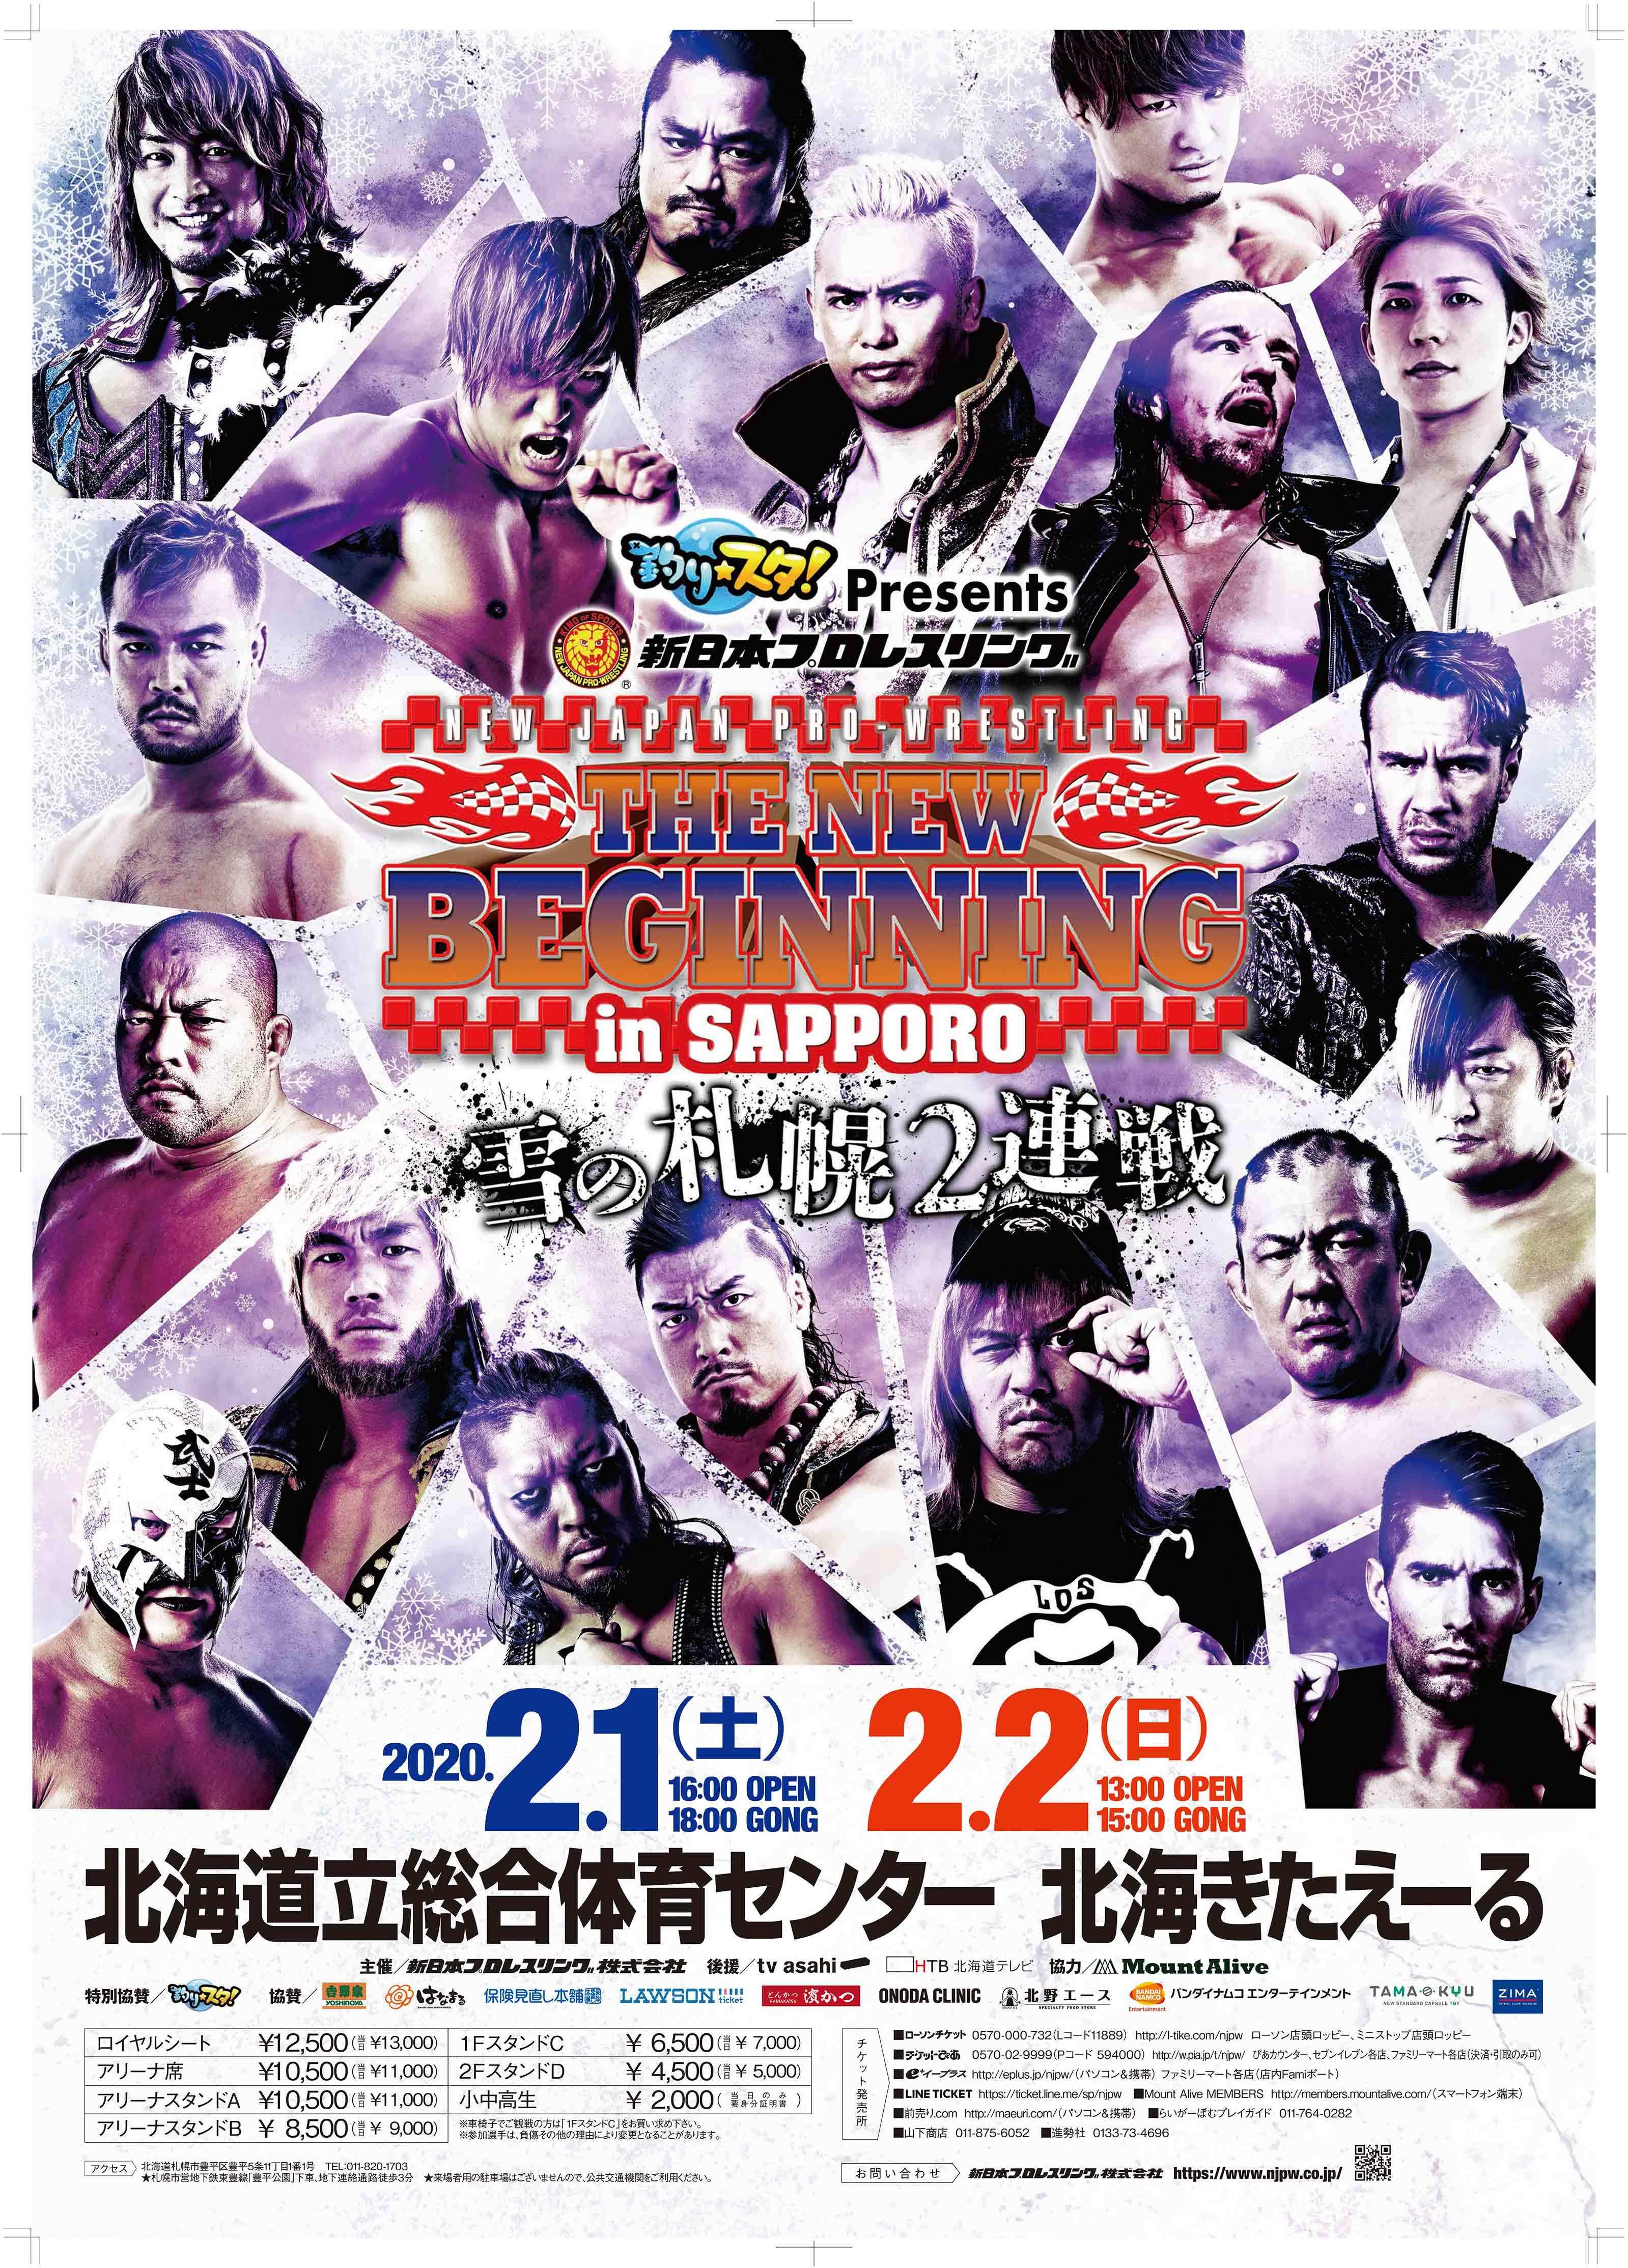 新日本プロレス『釣り★スタ presents THE NEW BEGINNING in SAPPORO ~雪の札幌2連戦~』が、2月1日(土)・2日(日)に開催される (C)新日本プロレス